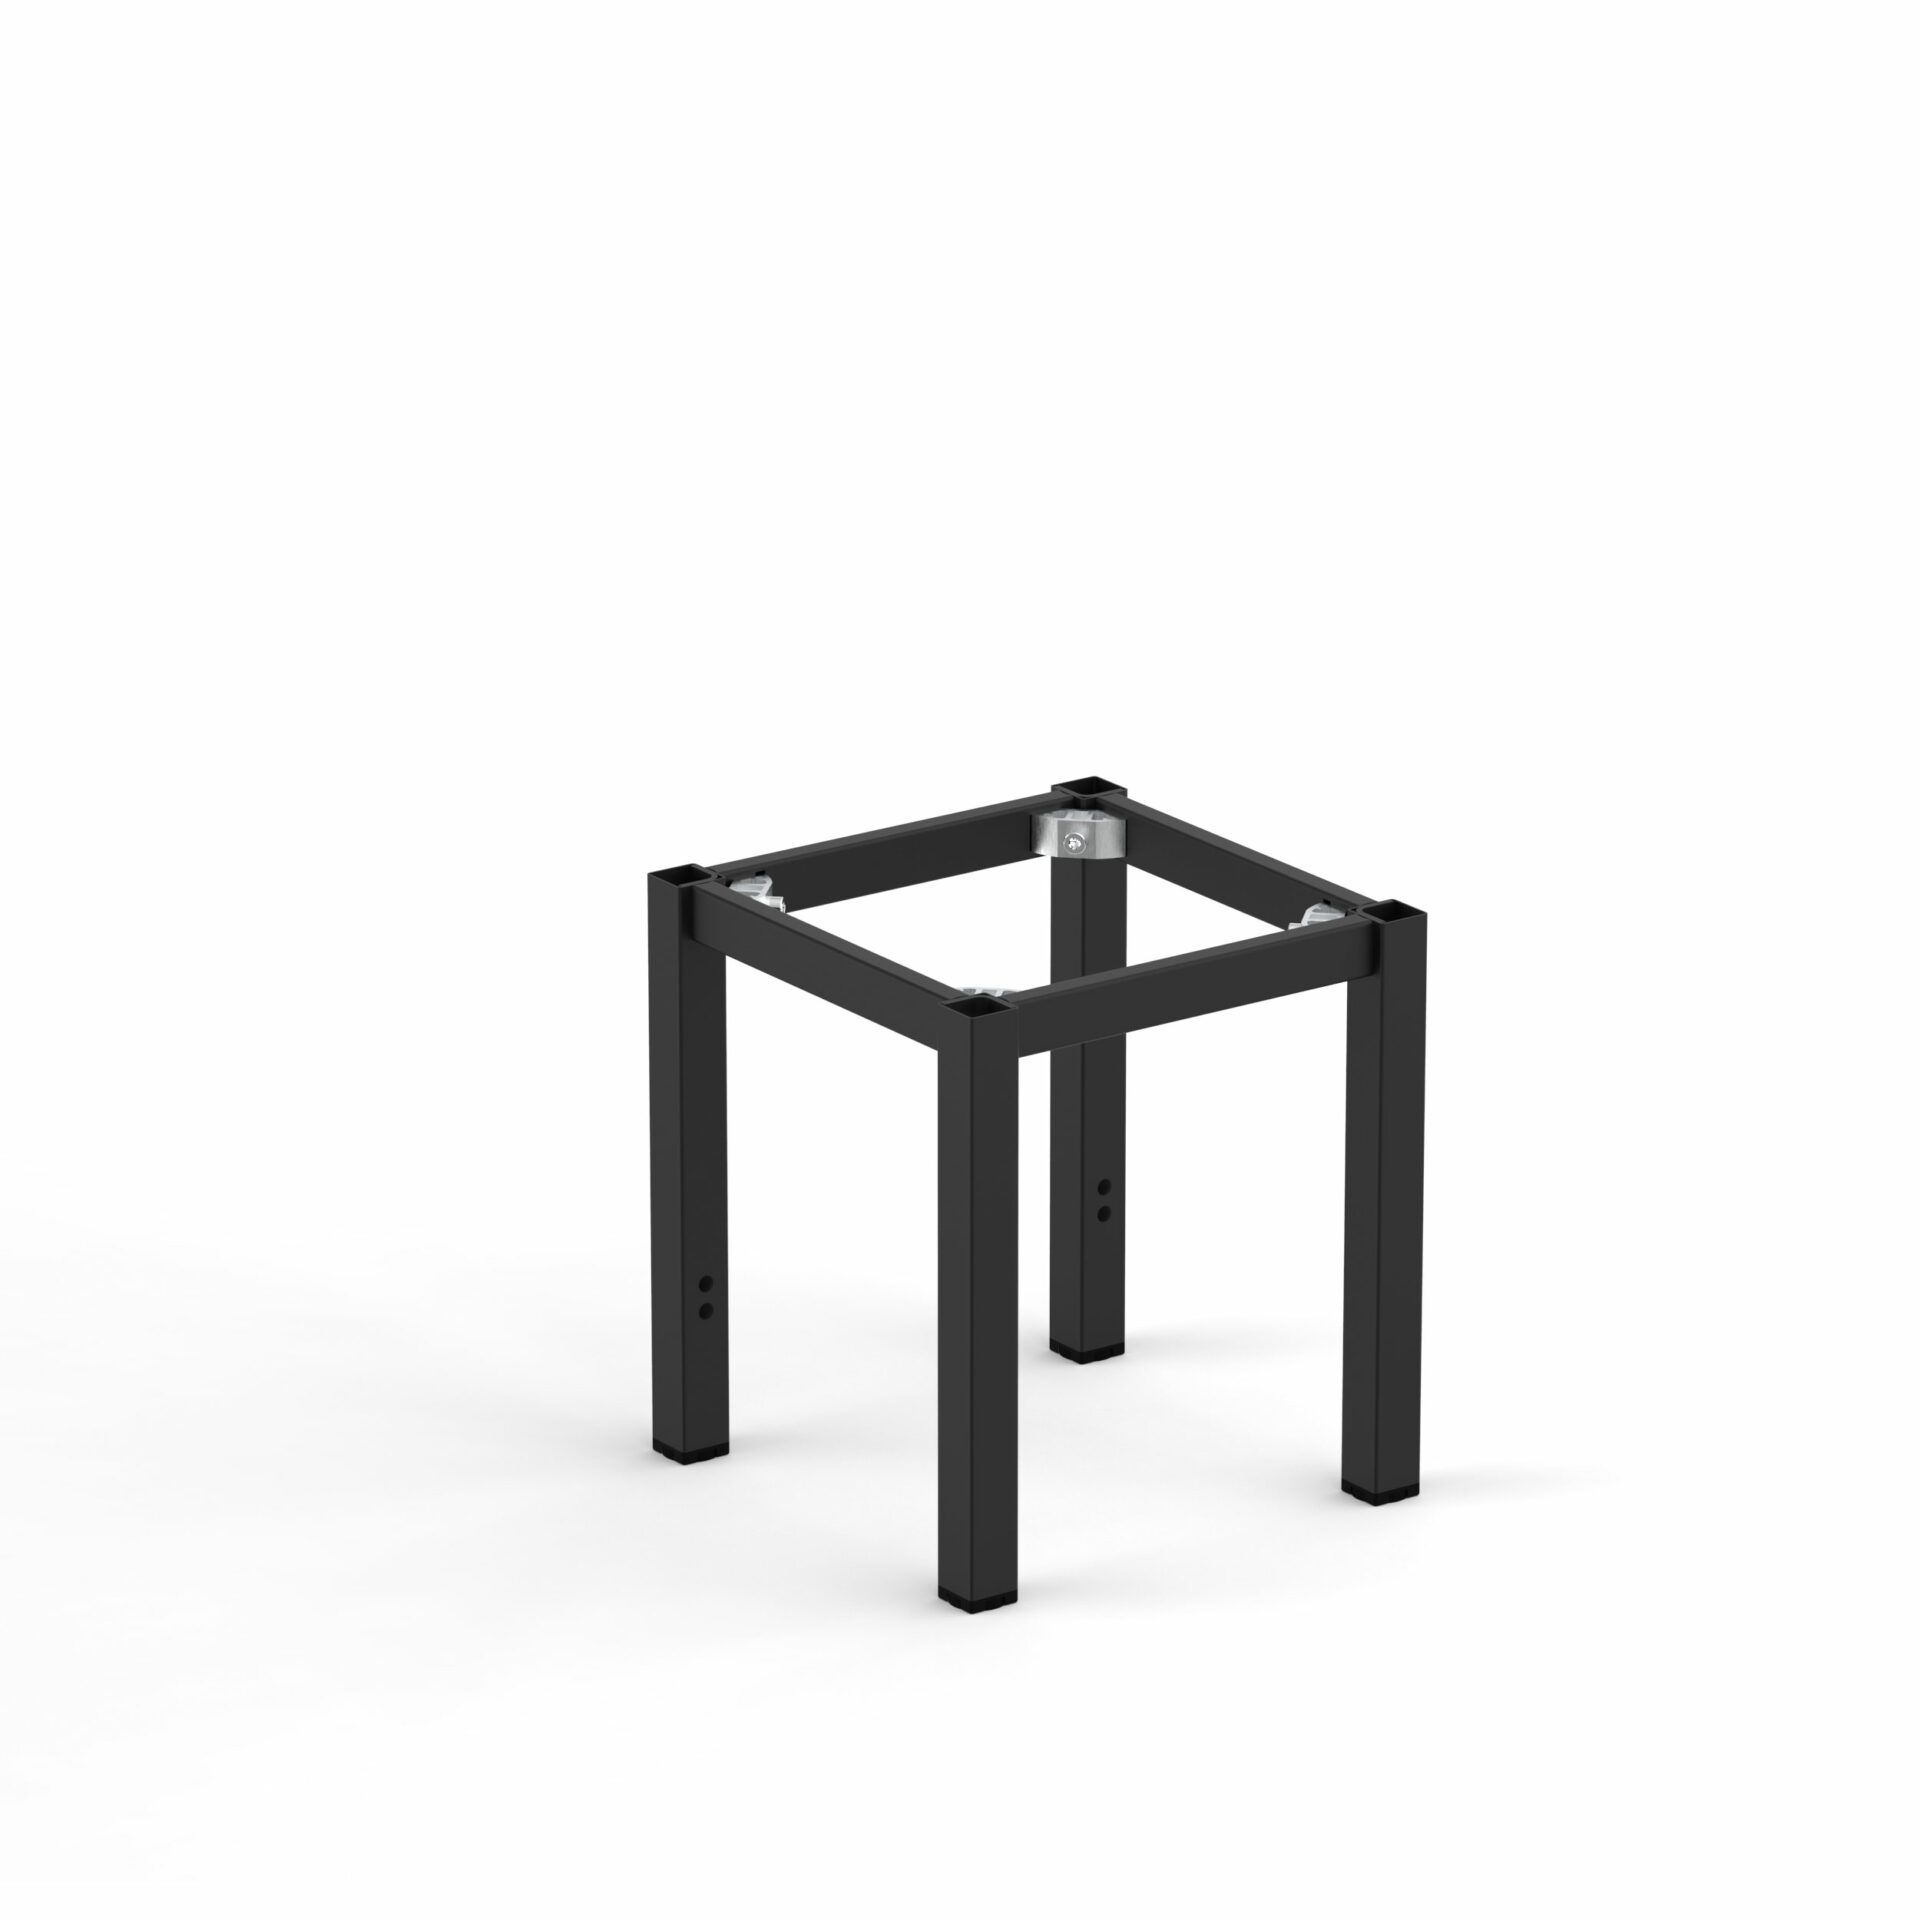 spireframe squareleg 420h 390x390 leg kit with plugs1